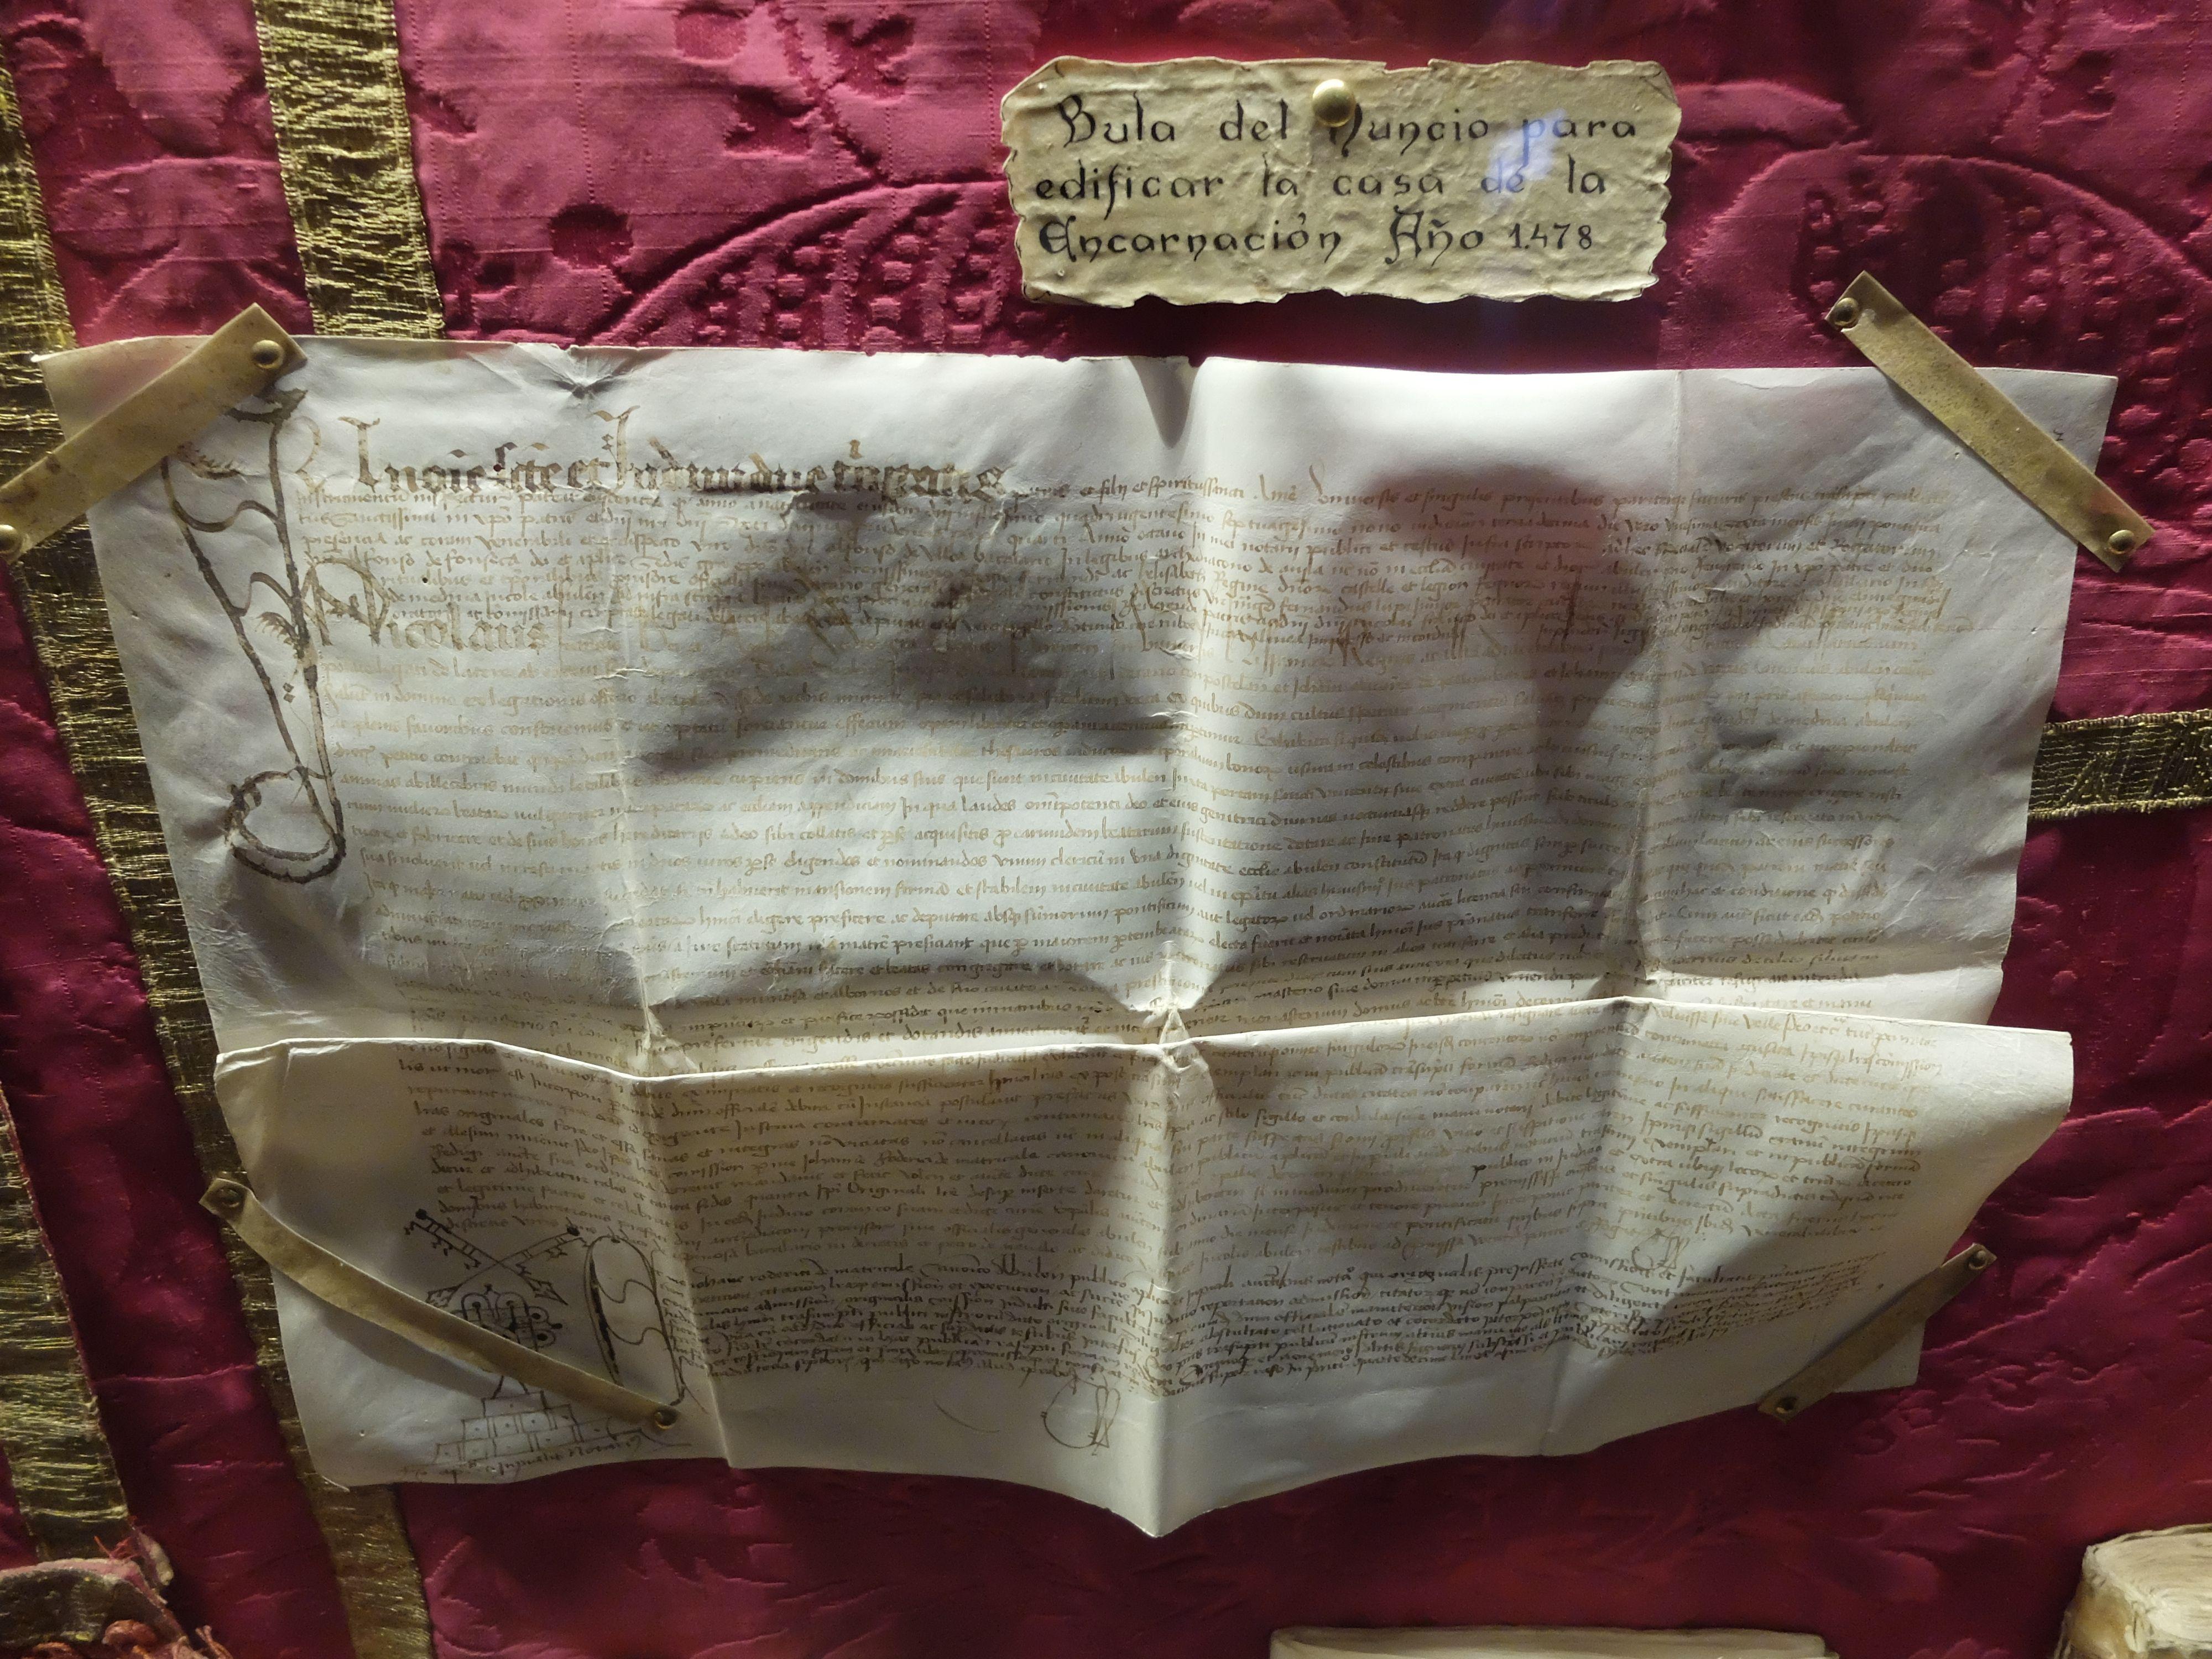 Convento de la Encarnación. Museo. Primera planta. Documento . Bula que permitia levantar el edificio del convento. Año 1478.